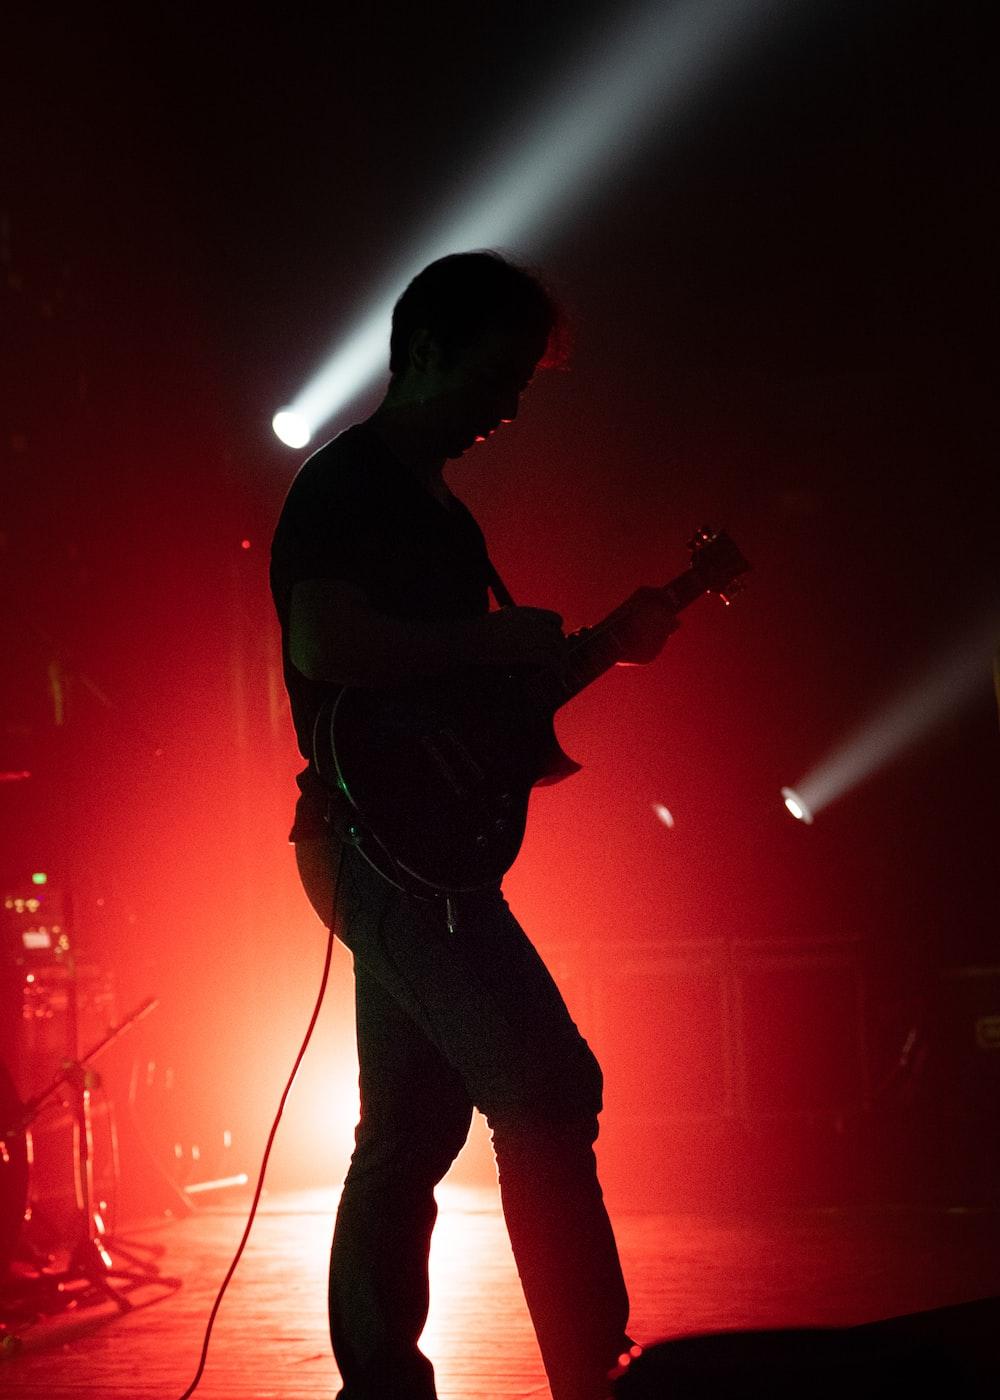 man in black t-shirt playing guitar